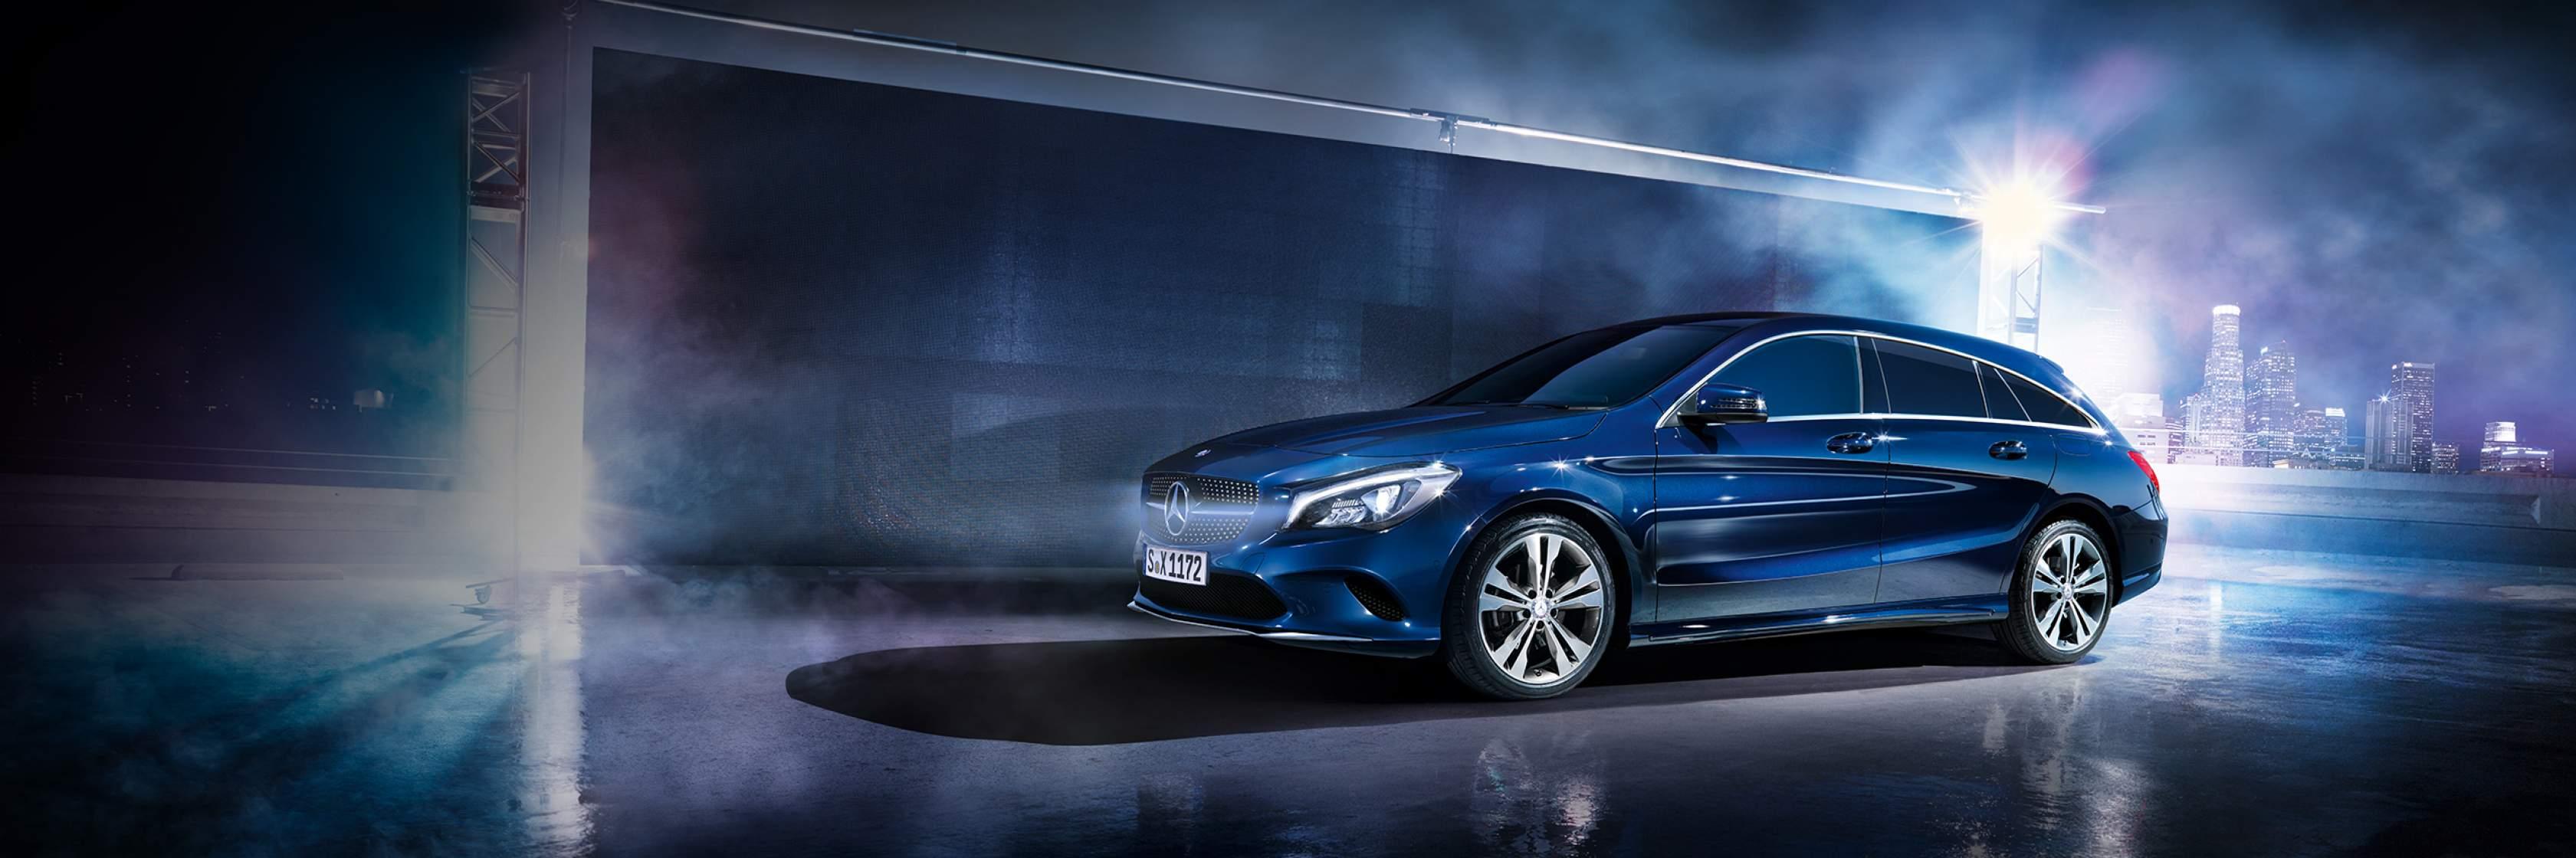 Интерьер и экстерьер Mercedes–Benz CLA Shooting Brake